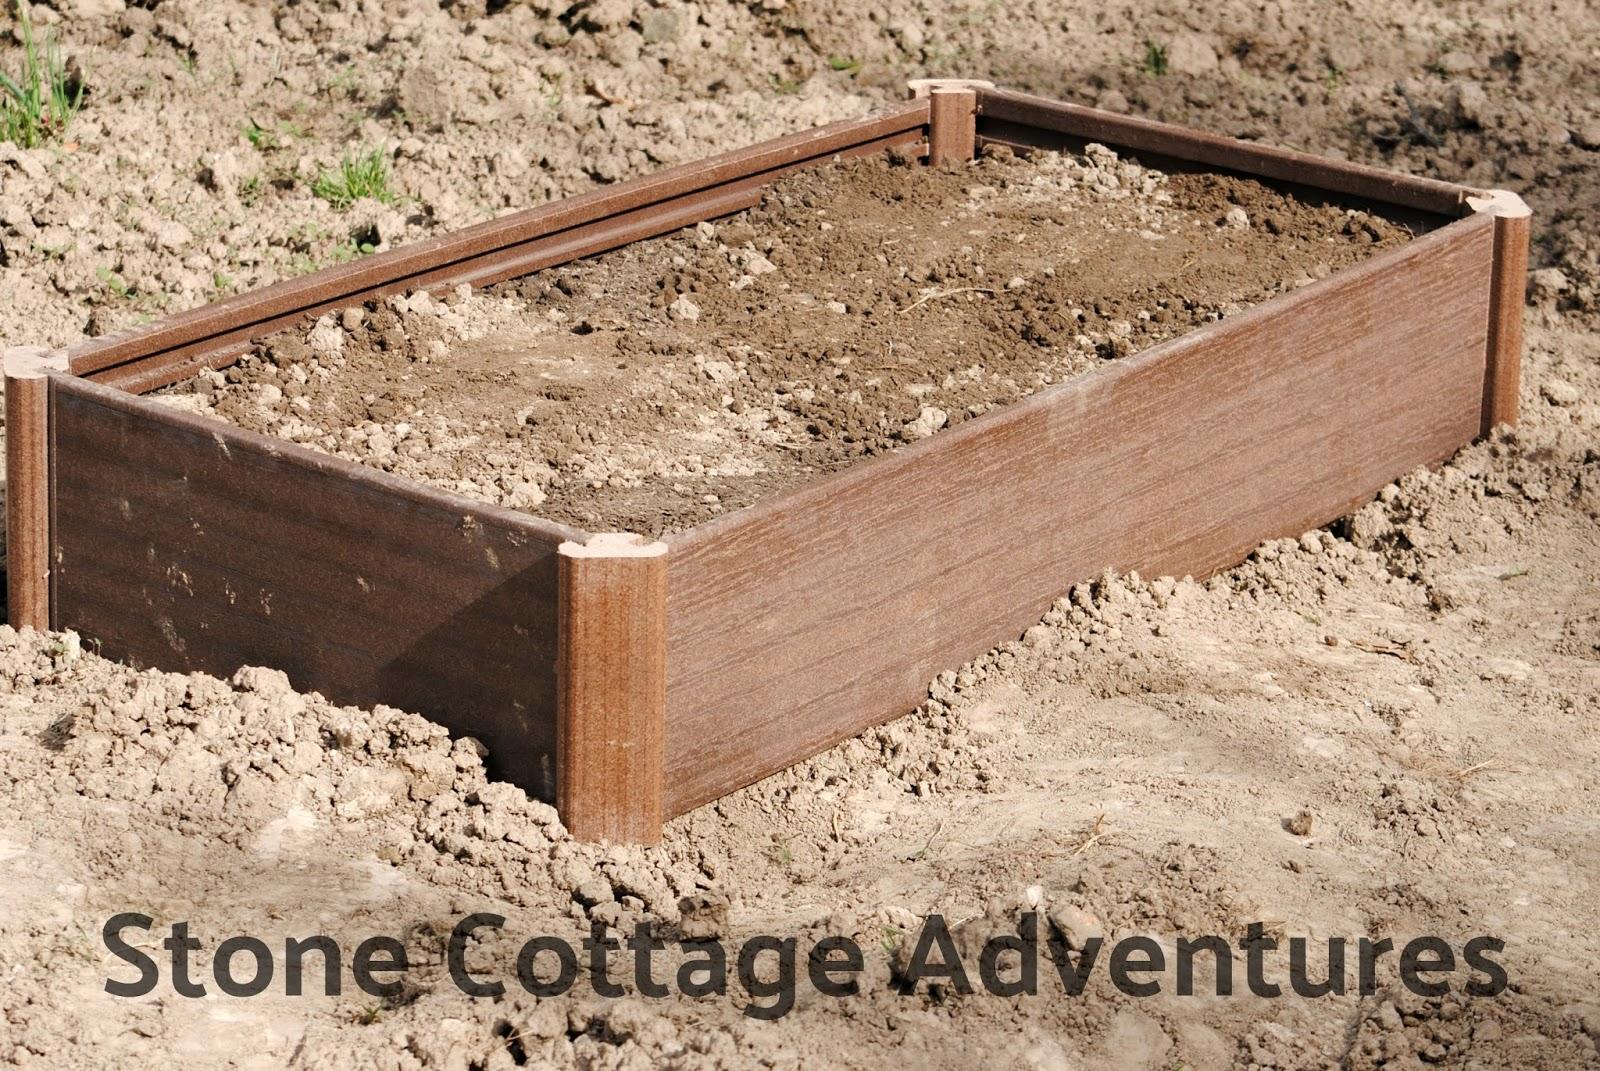 Stone Cottage Adventures: Raised Garden Bed from Greenland Gardener